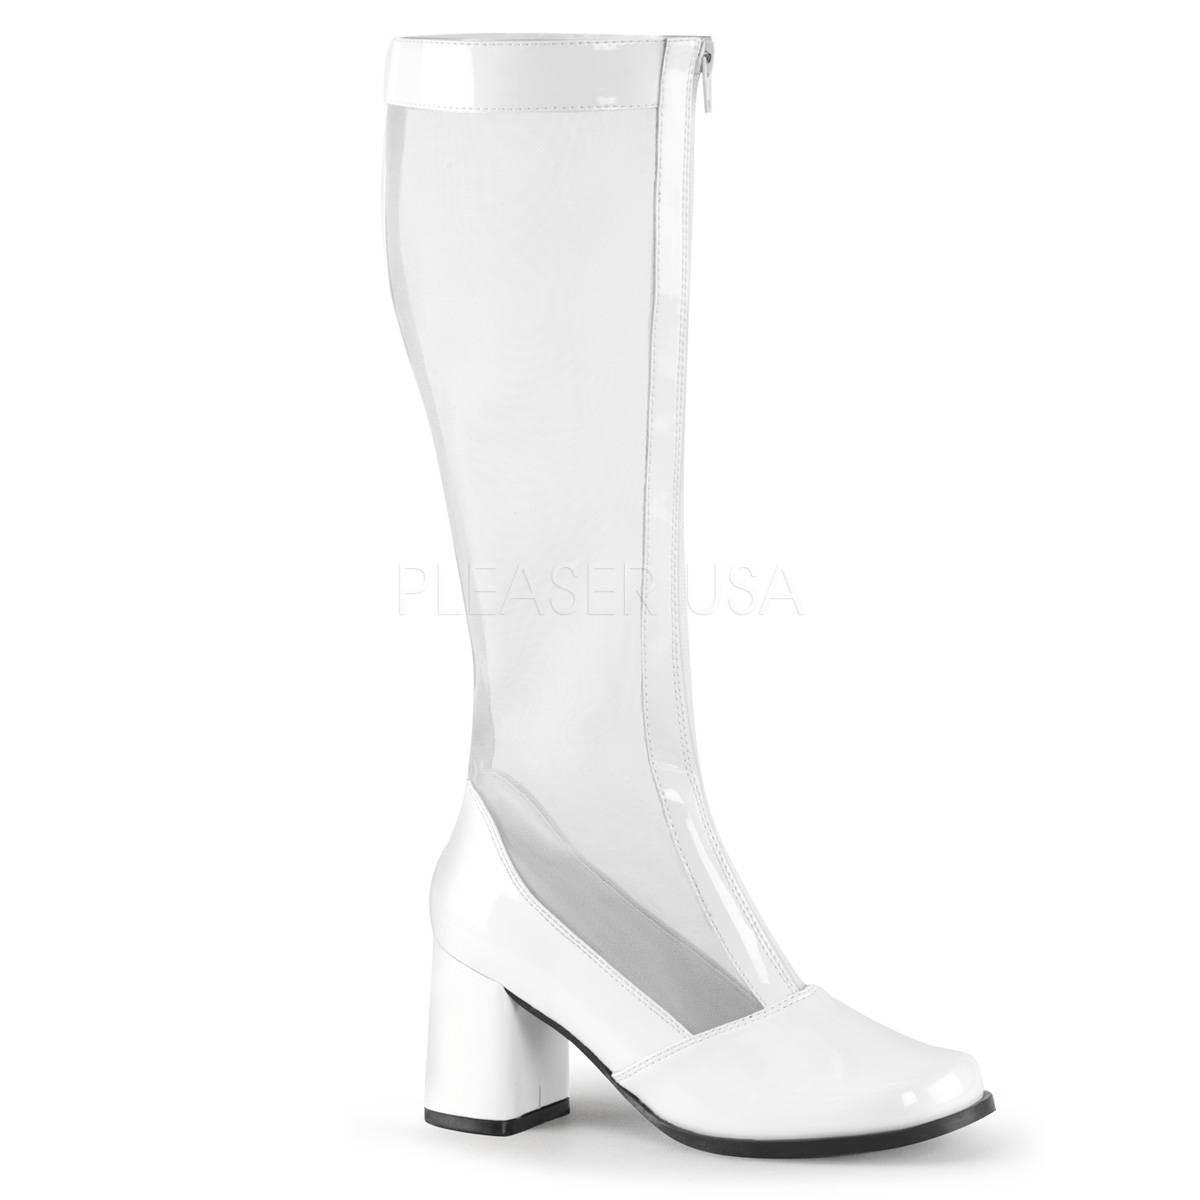 Stiefel - GOGO 307 ° Damen Stiefel ° Weiß Glänzend ° Funtasma  - Onlineshop RedSixty